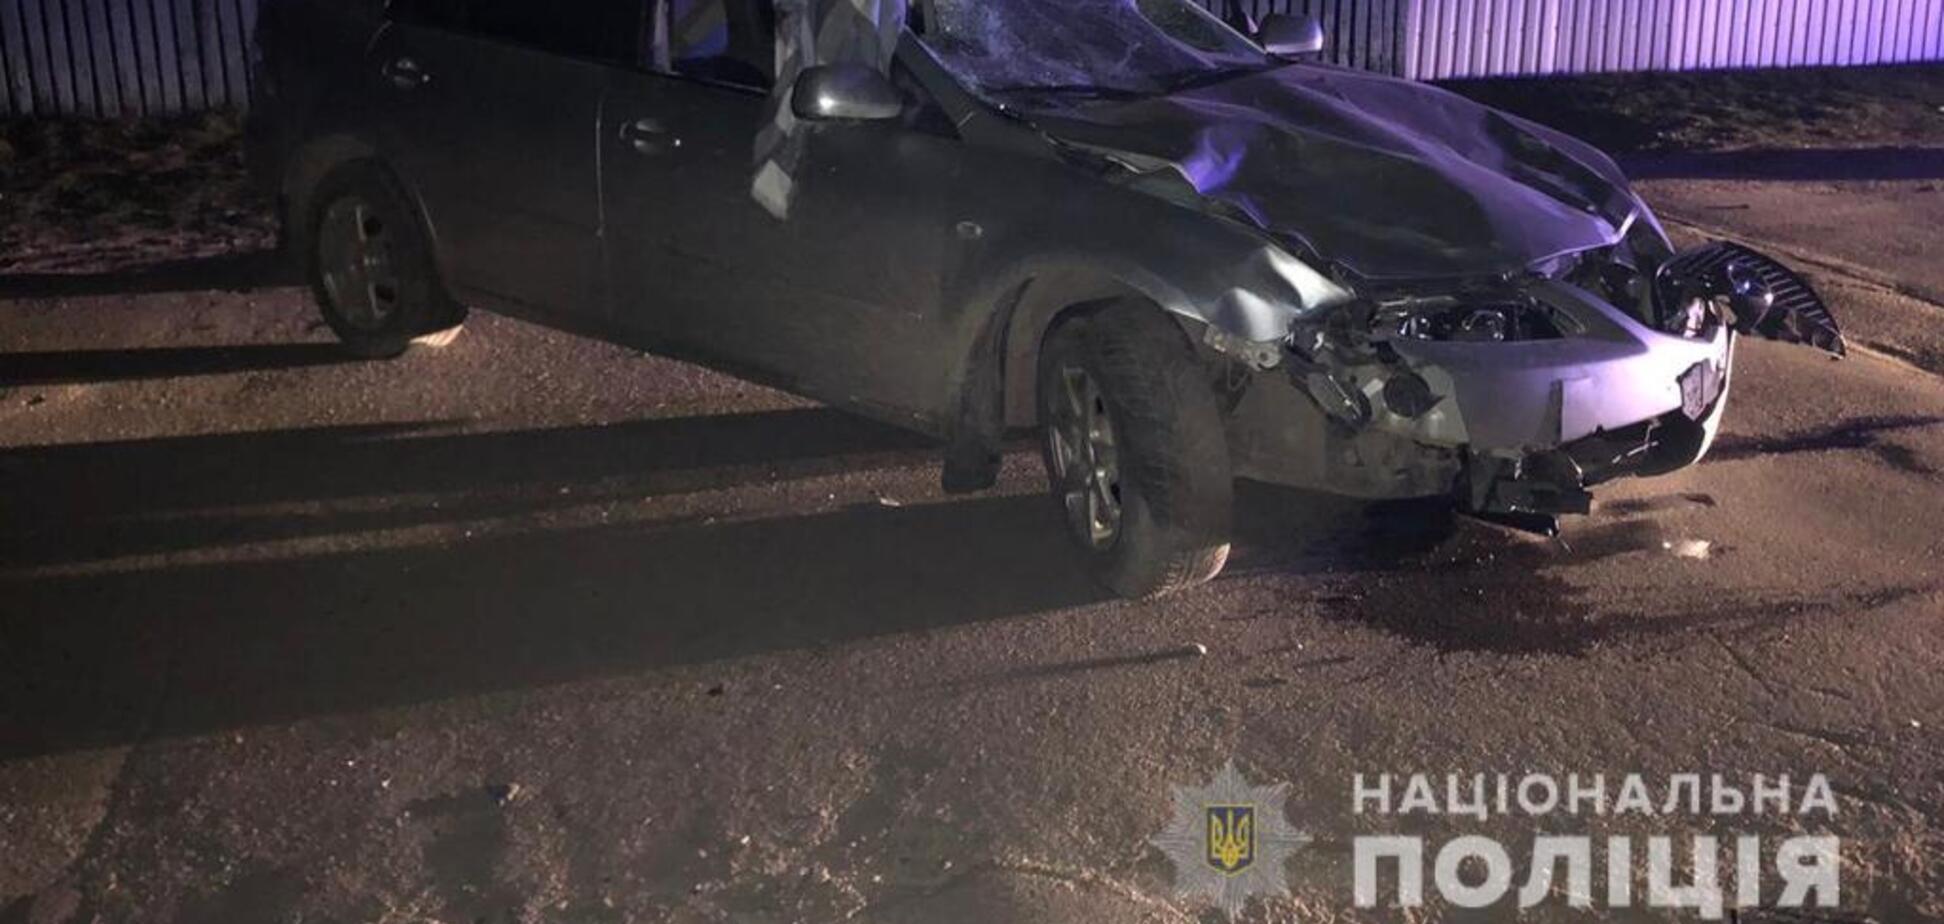 Под Киевом двух пешеходов сбили насмерть: новые подробности